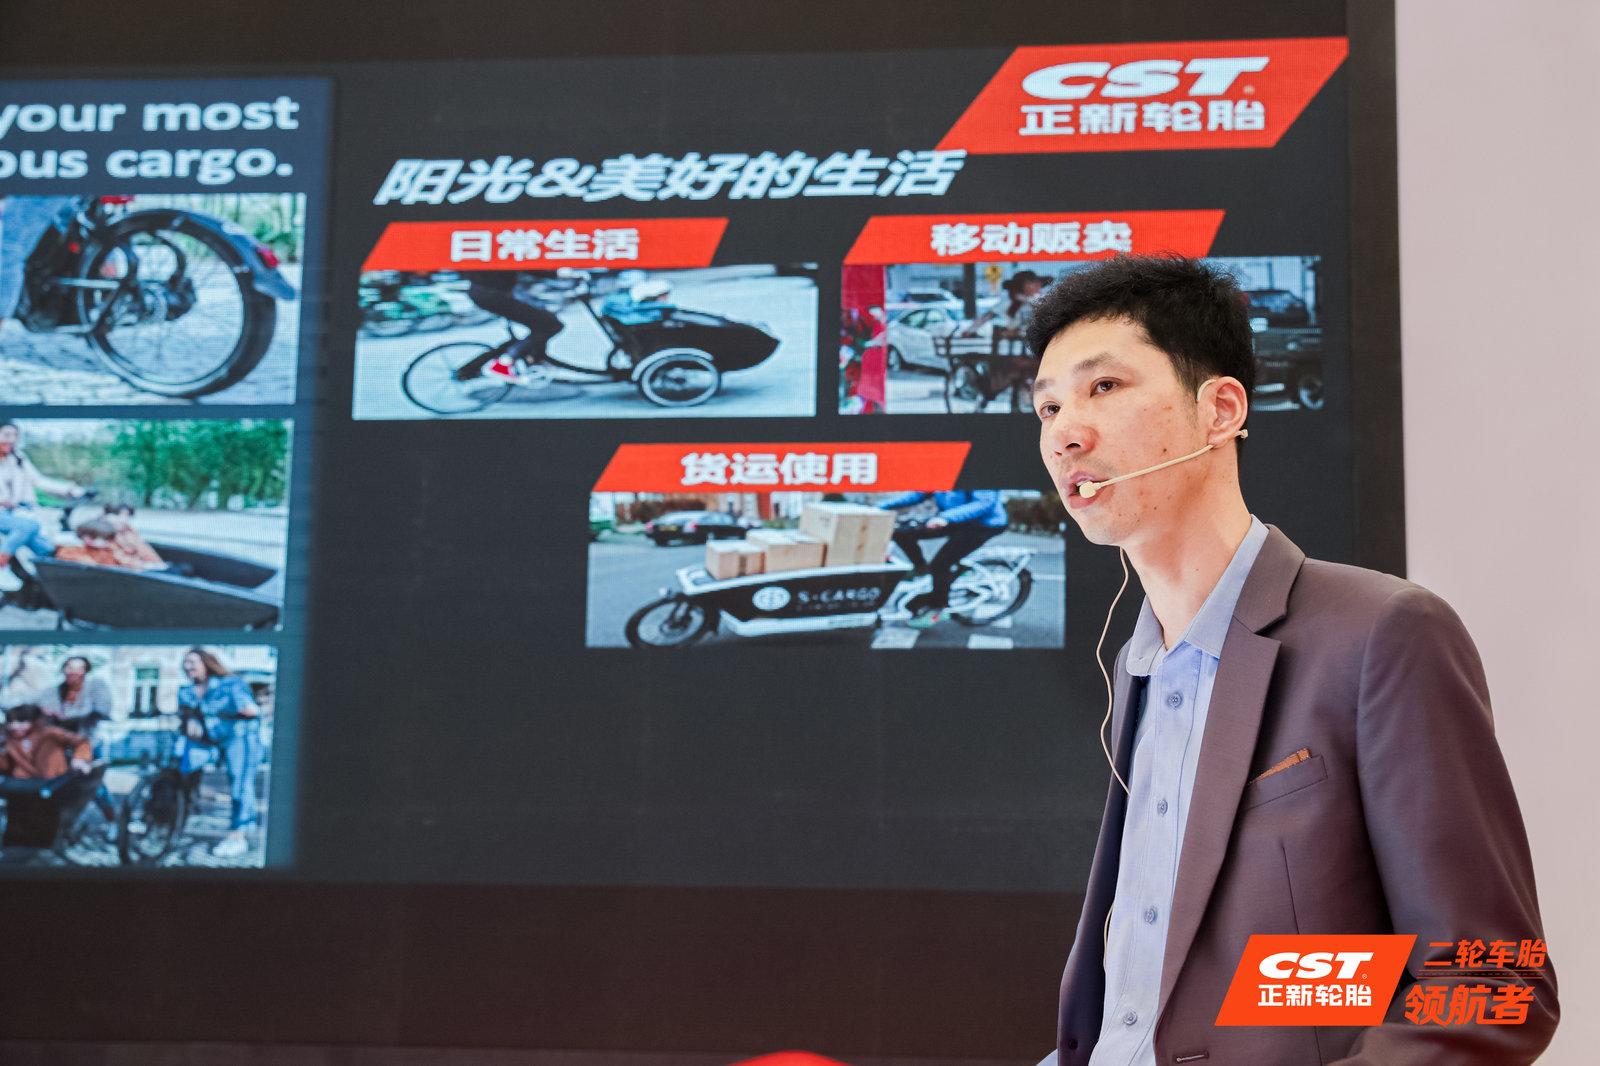 随心而驭 骑迹世界,正新轮胎多款新品和新技术亮相-唯轮网